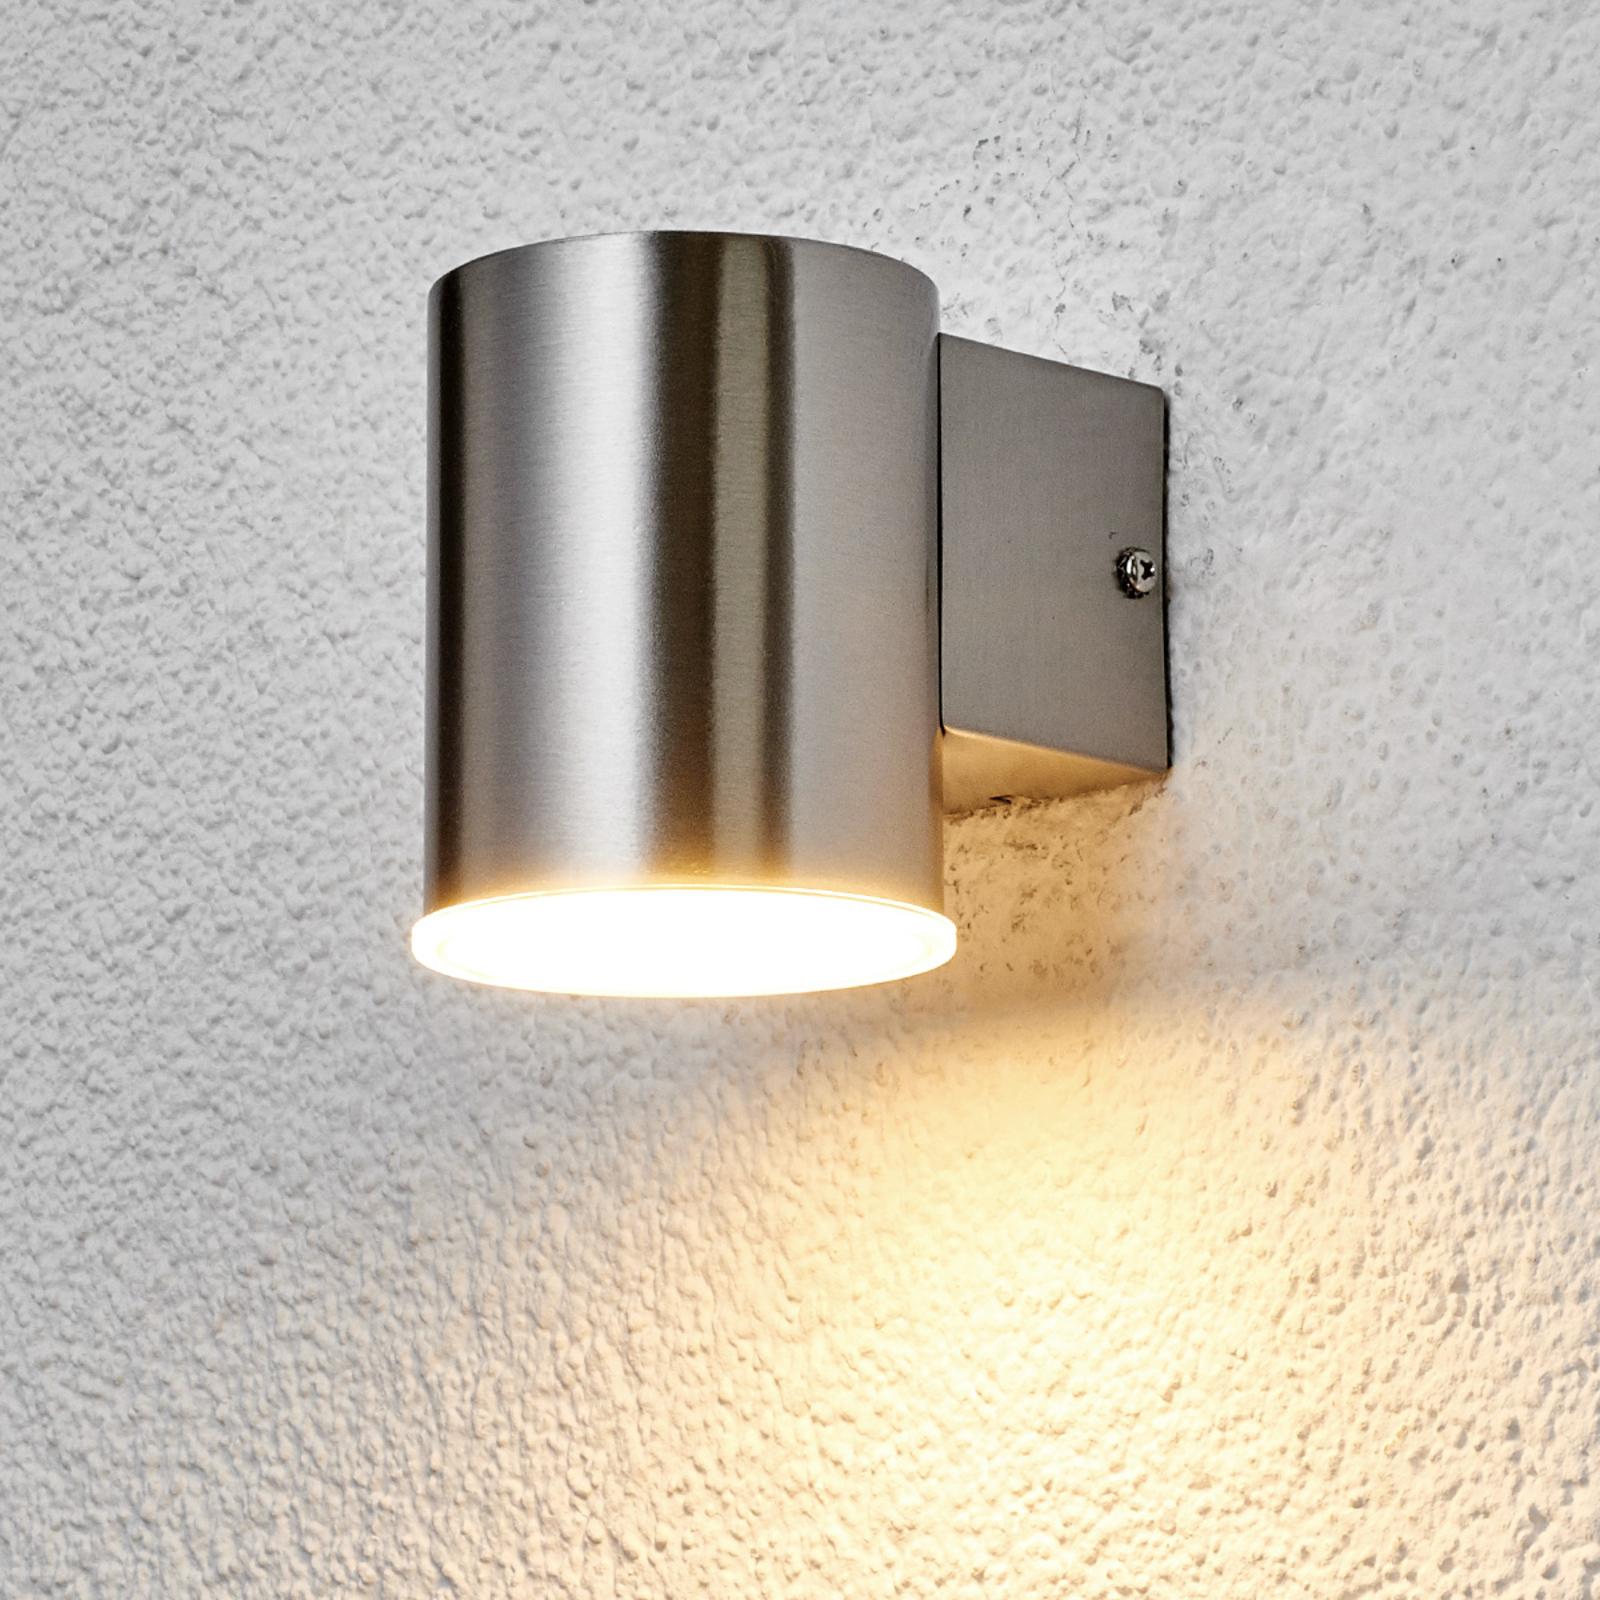 LED-Außenwandleuchte Morena aus Edelstahl 1fl.